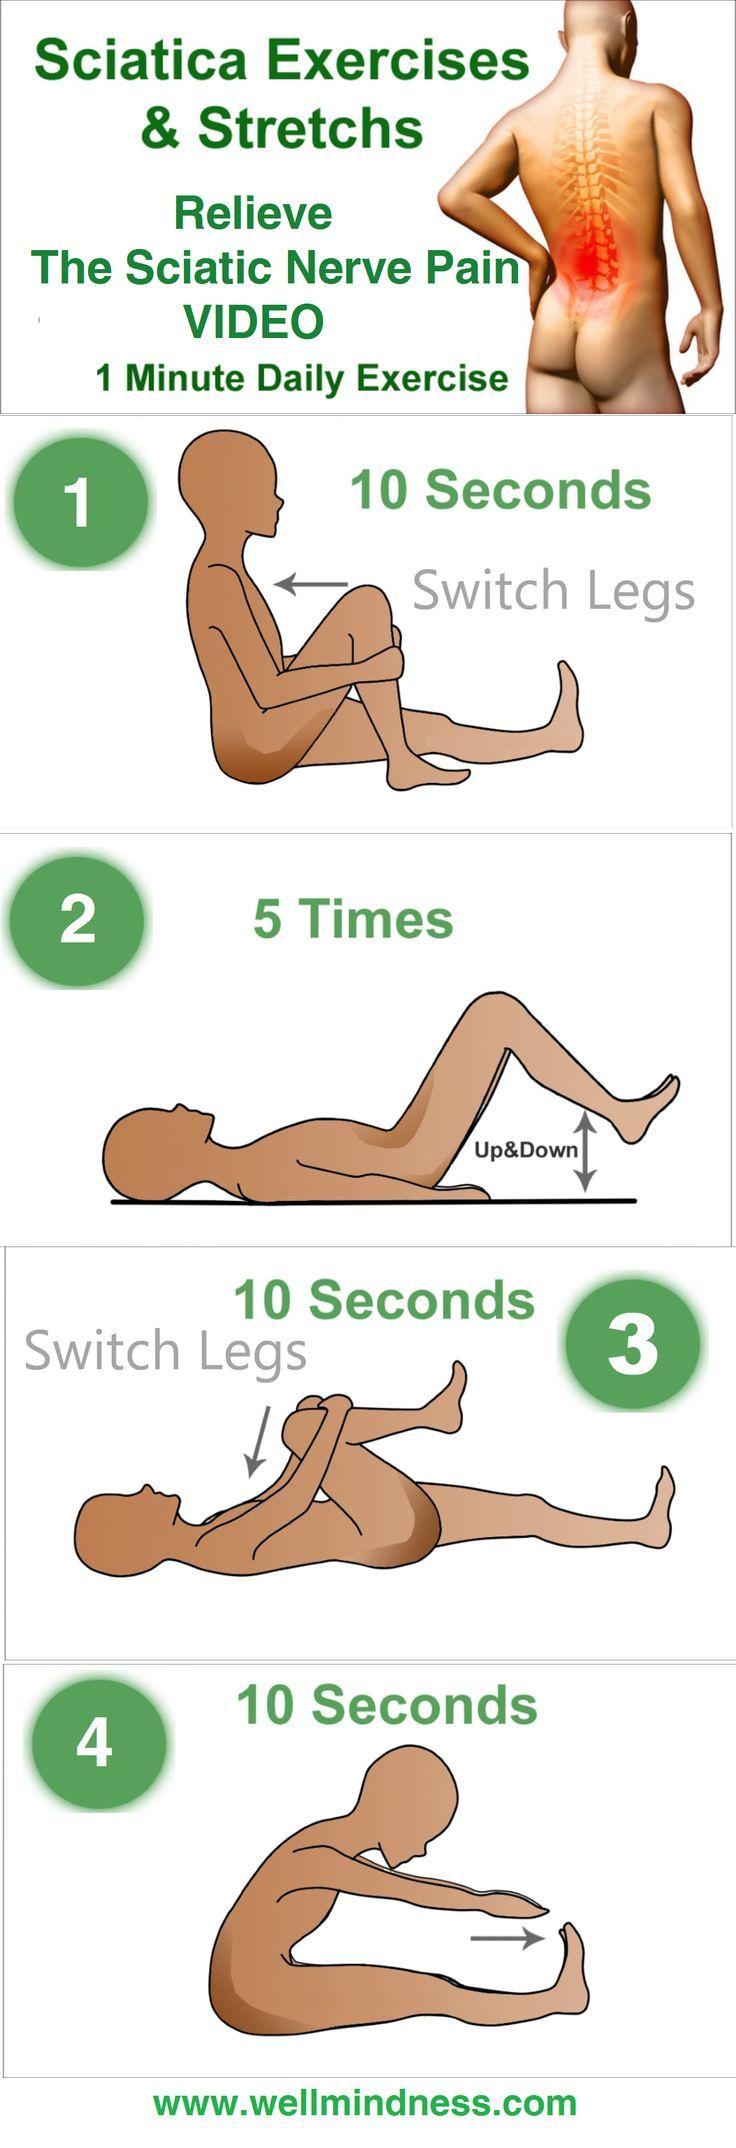 Para la ciatica imagenes ejercicios